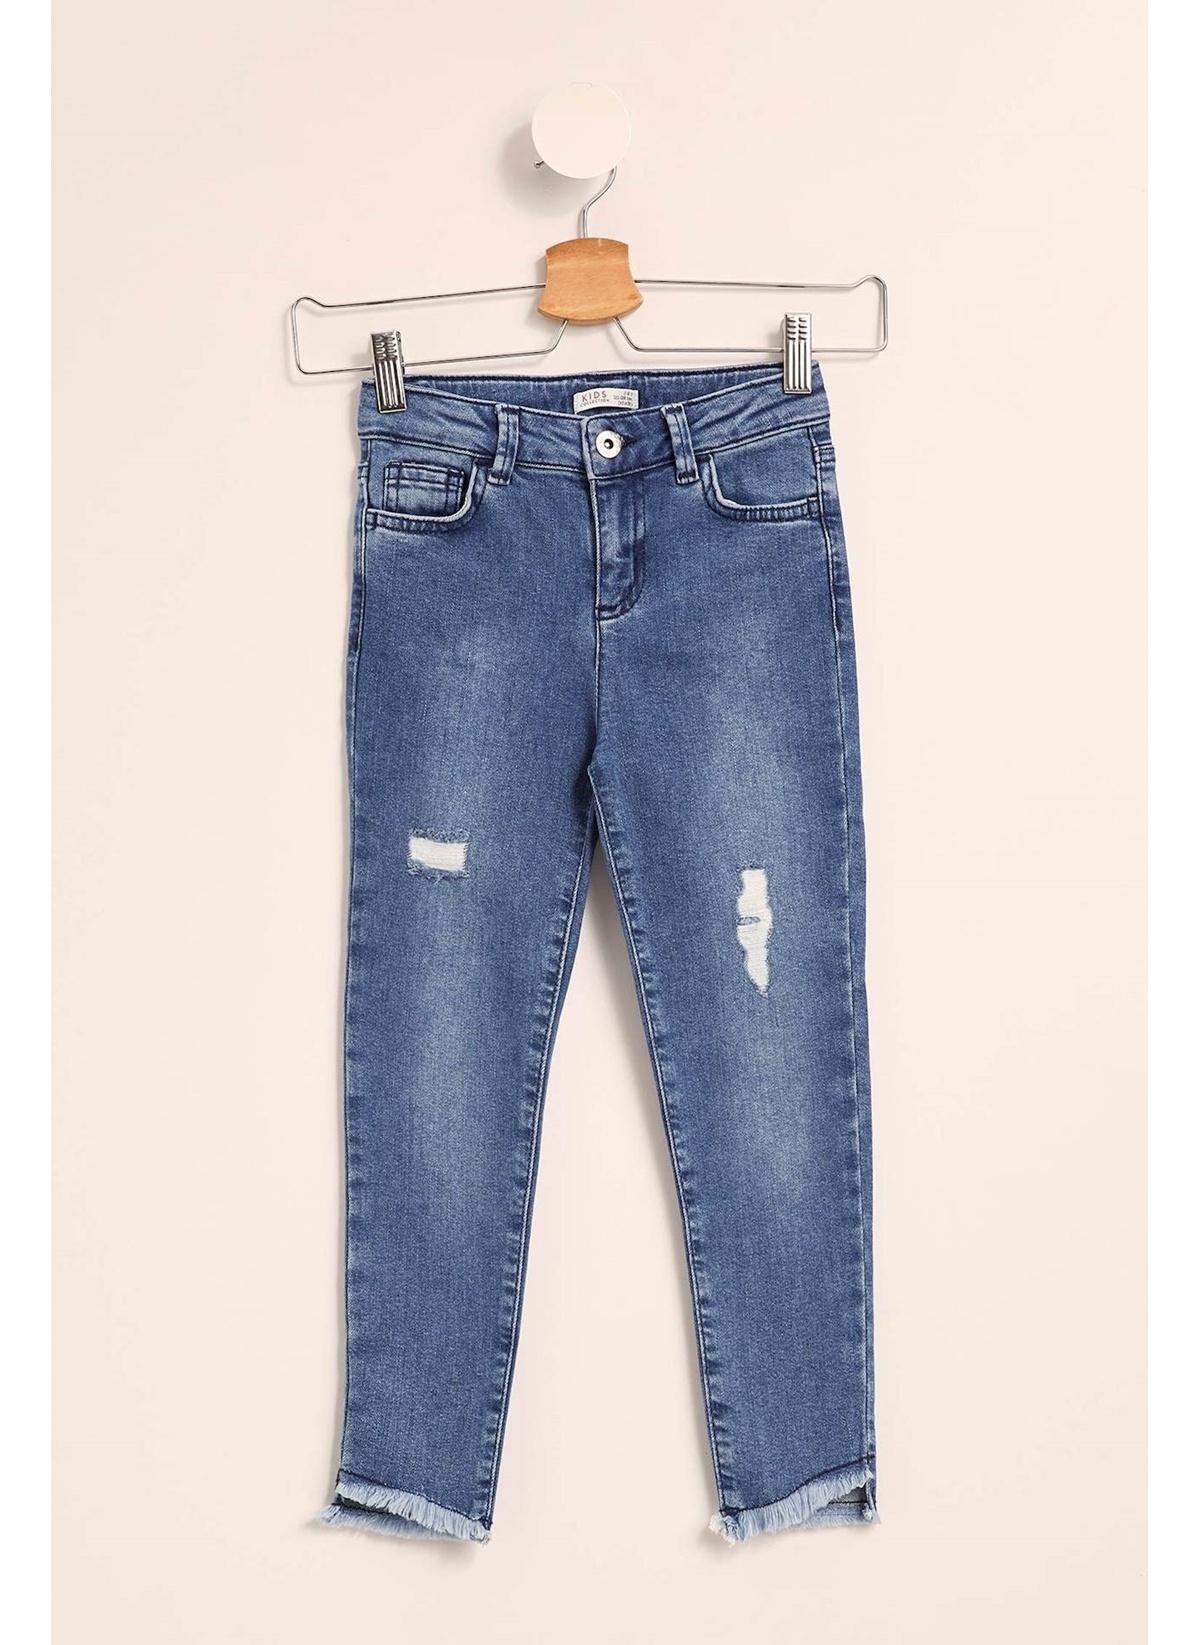 Defacto Pantolon K6389a619spbe394 Slim Fit Jean Pantolon – 69.99 TL